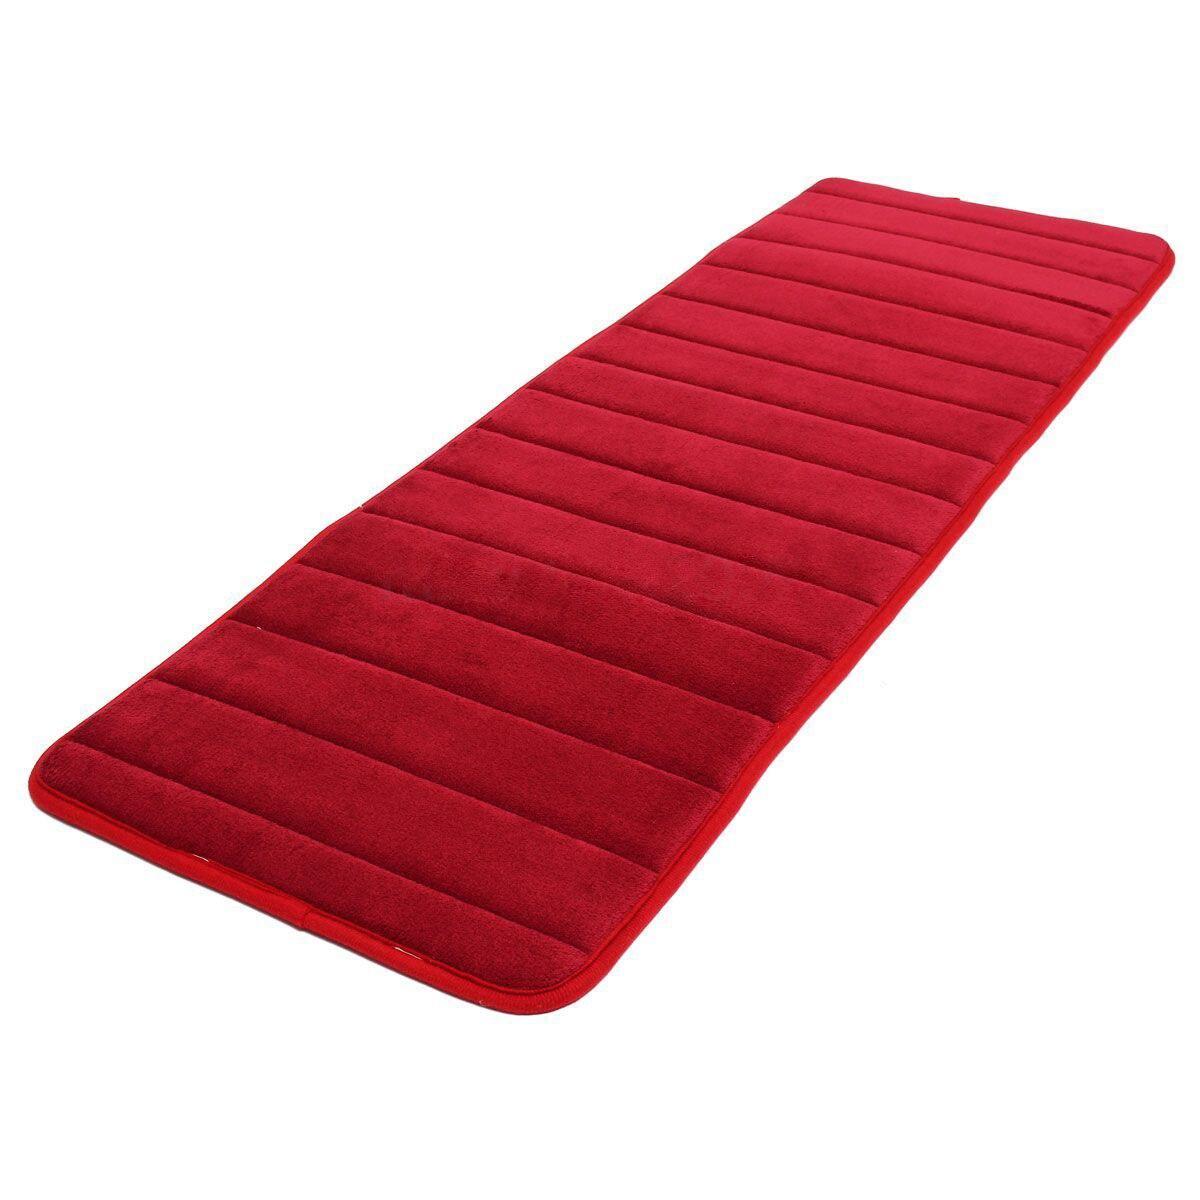 120x40cm Absorbent Nonslip Memory Foam Kitchen Bedroom Door Floor Mat Rug Carpet Date-red